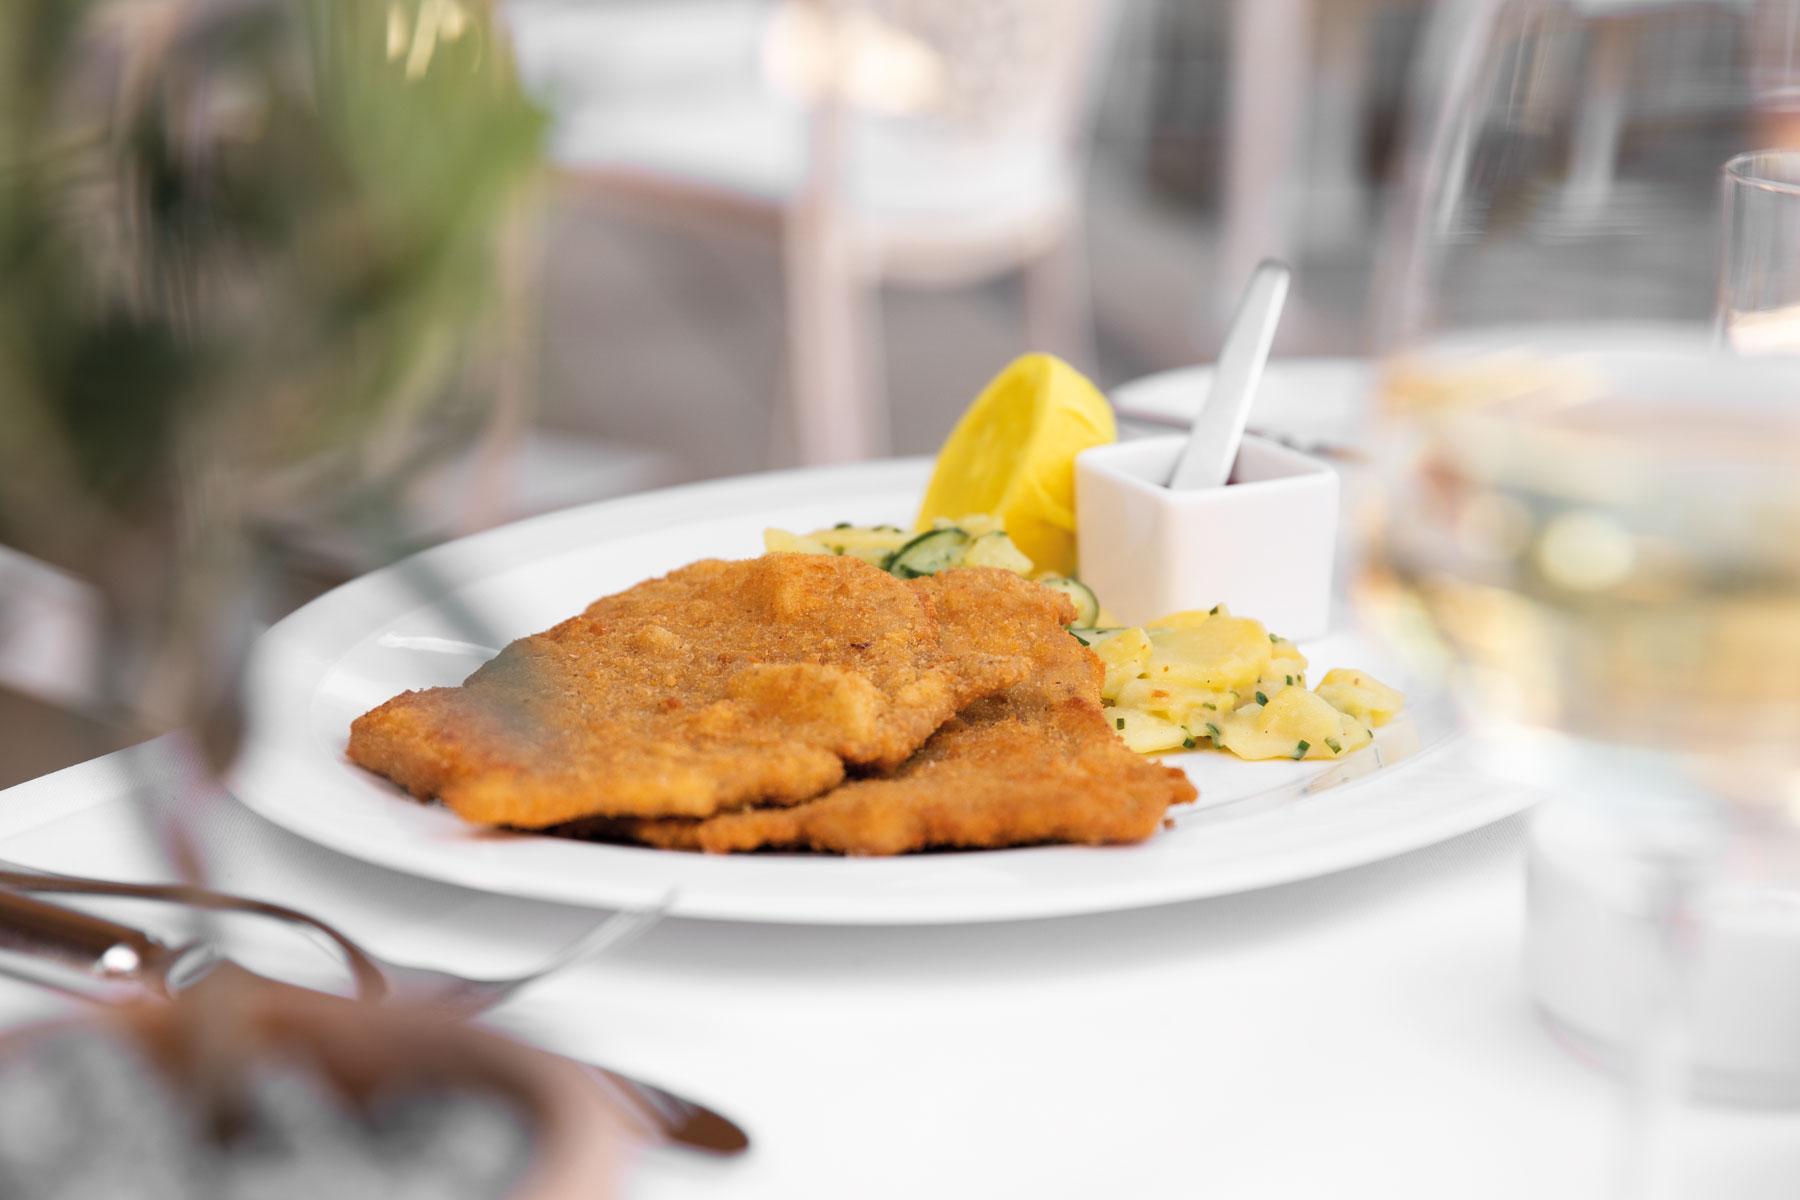 wiener-schnitzel-food-photography-Stuttgart